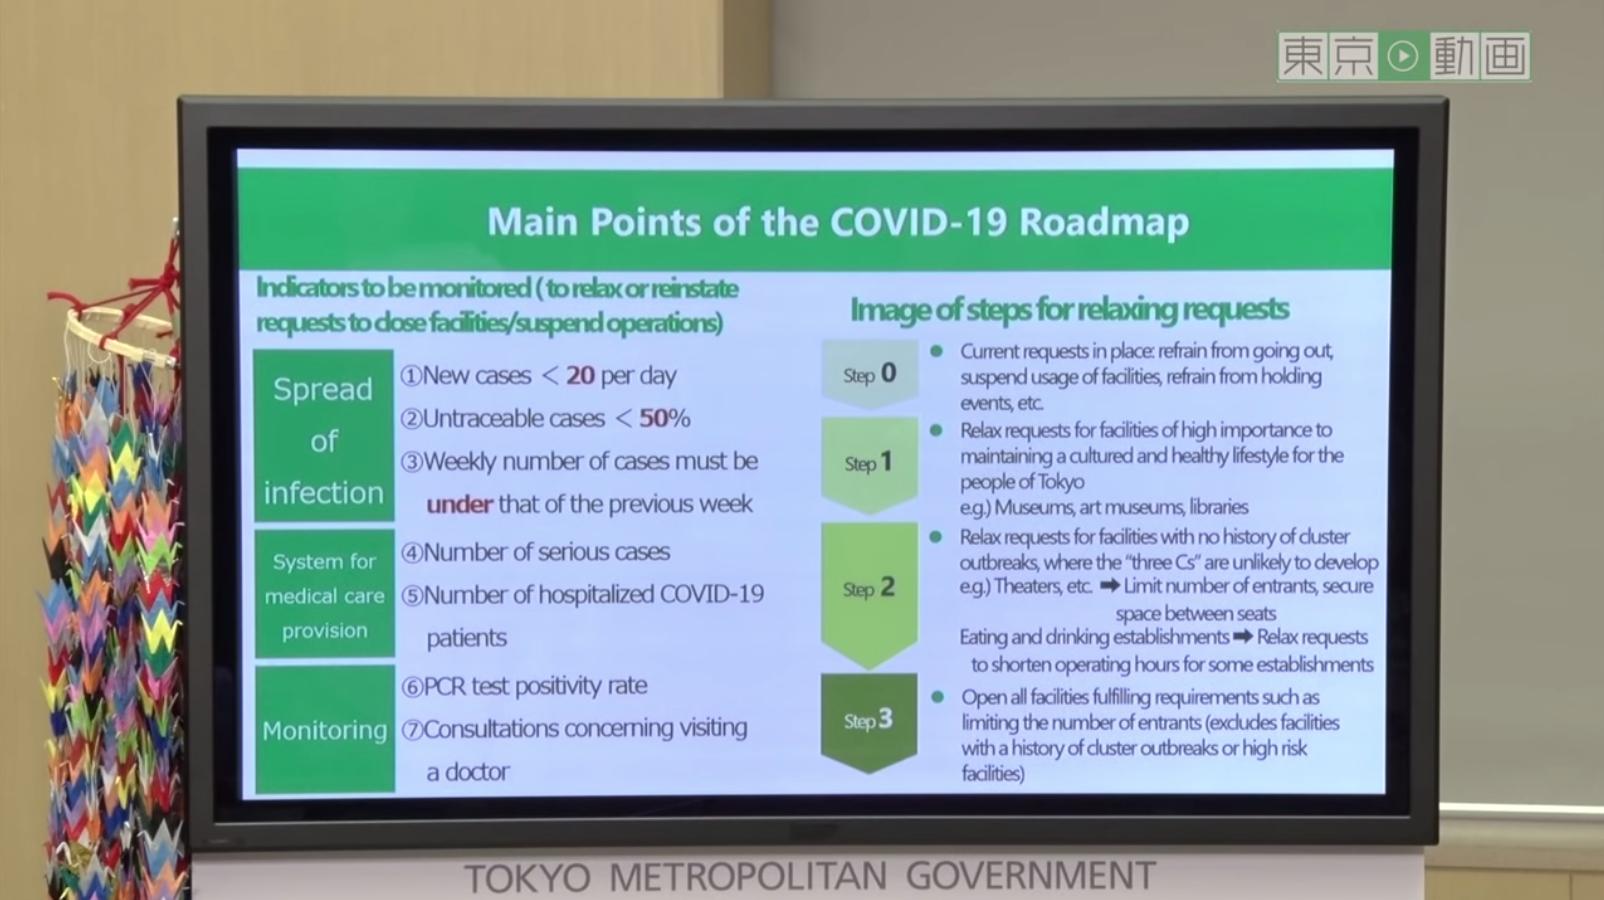 Tokyo Government Covid-19 roadmap